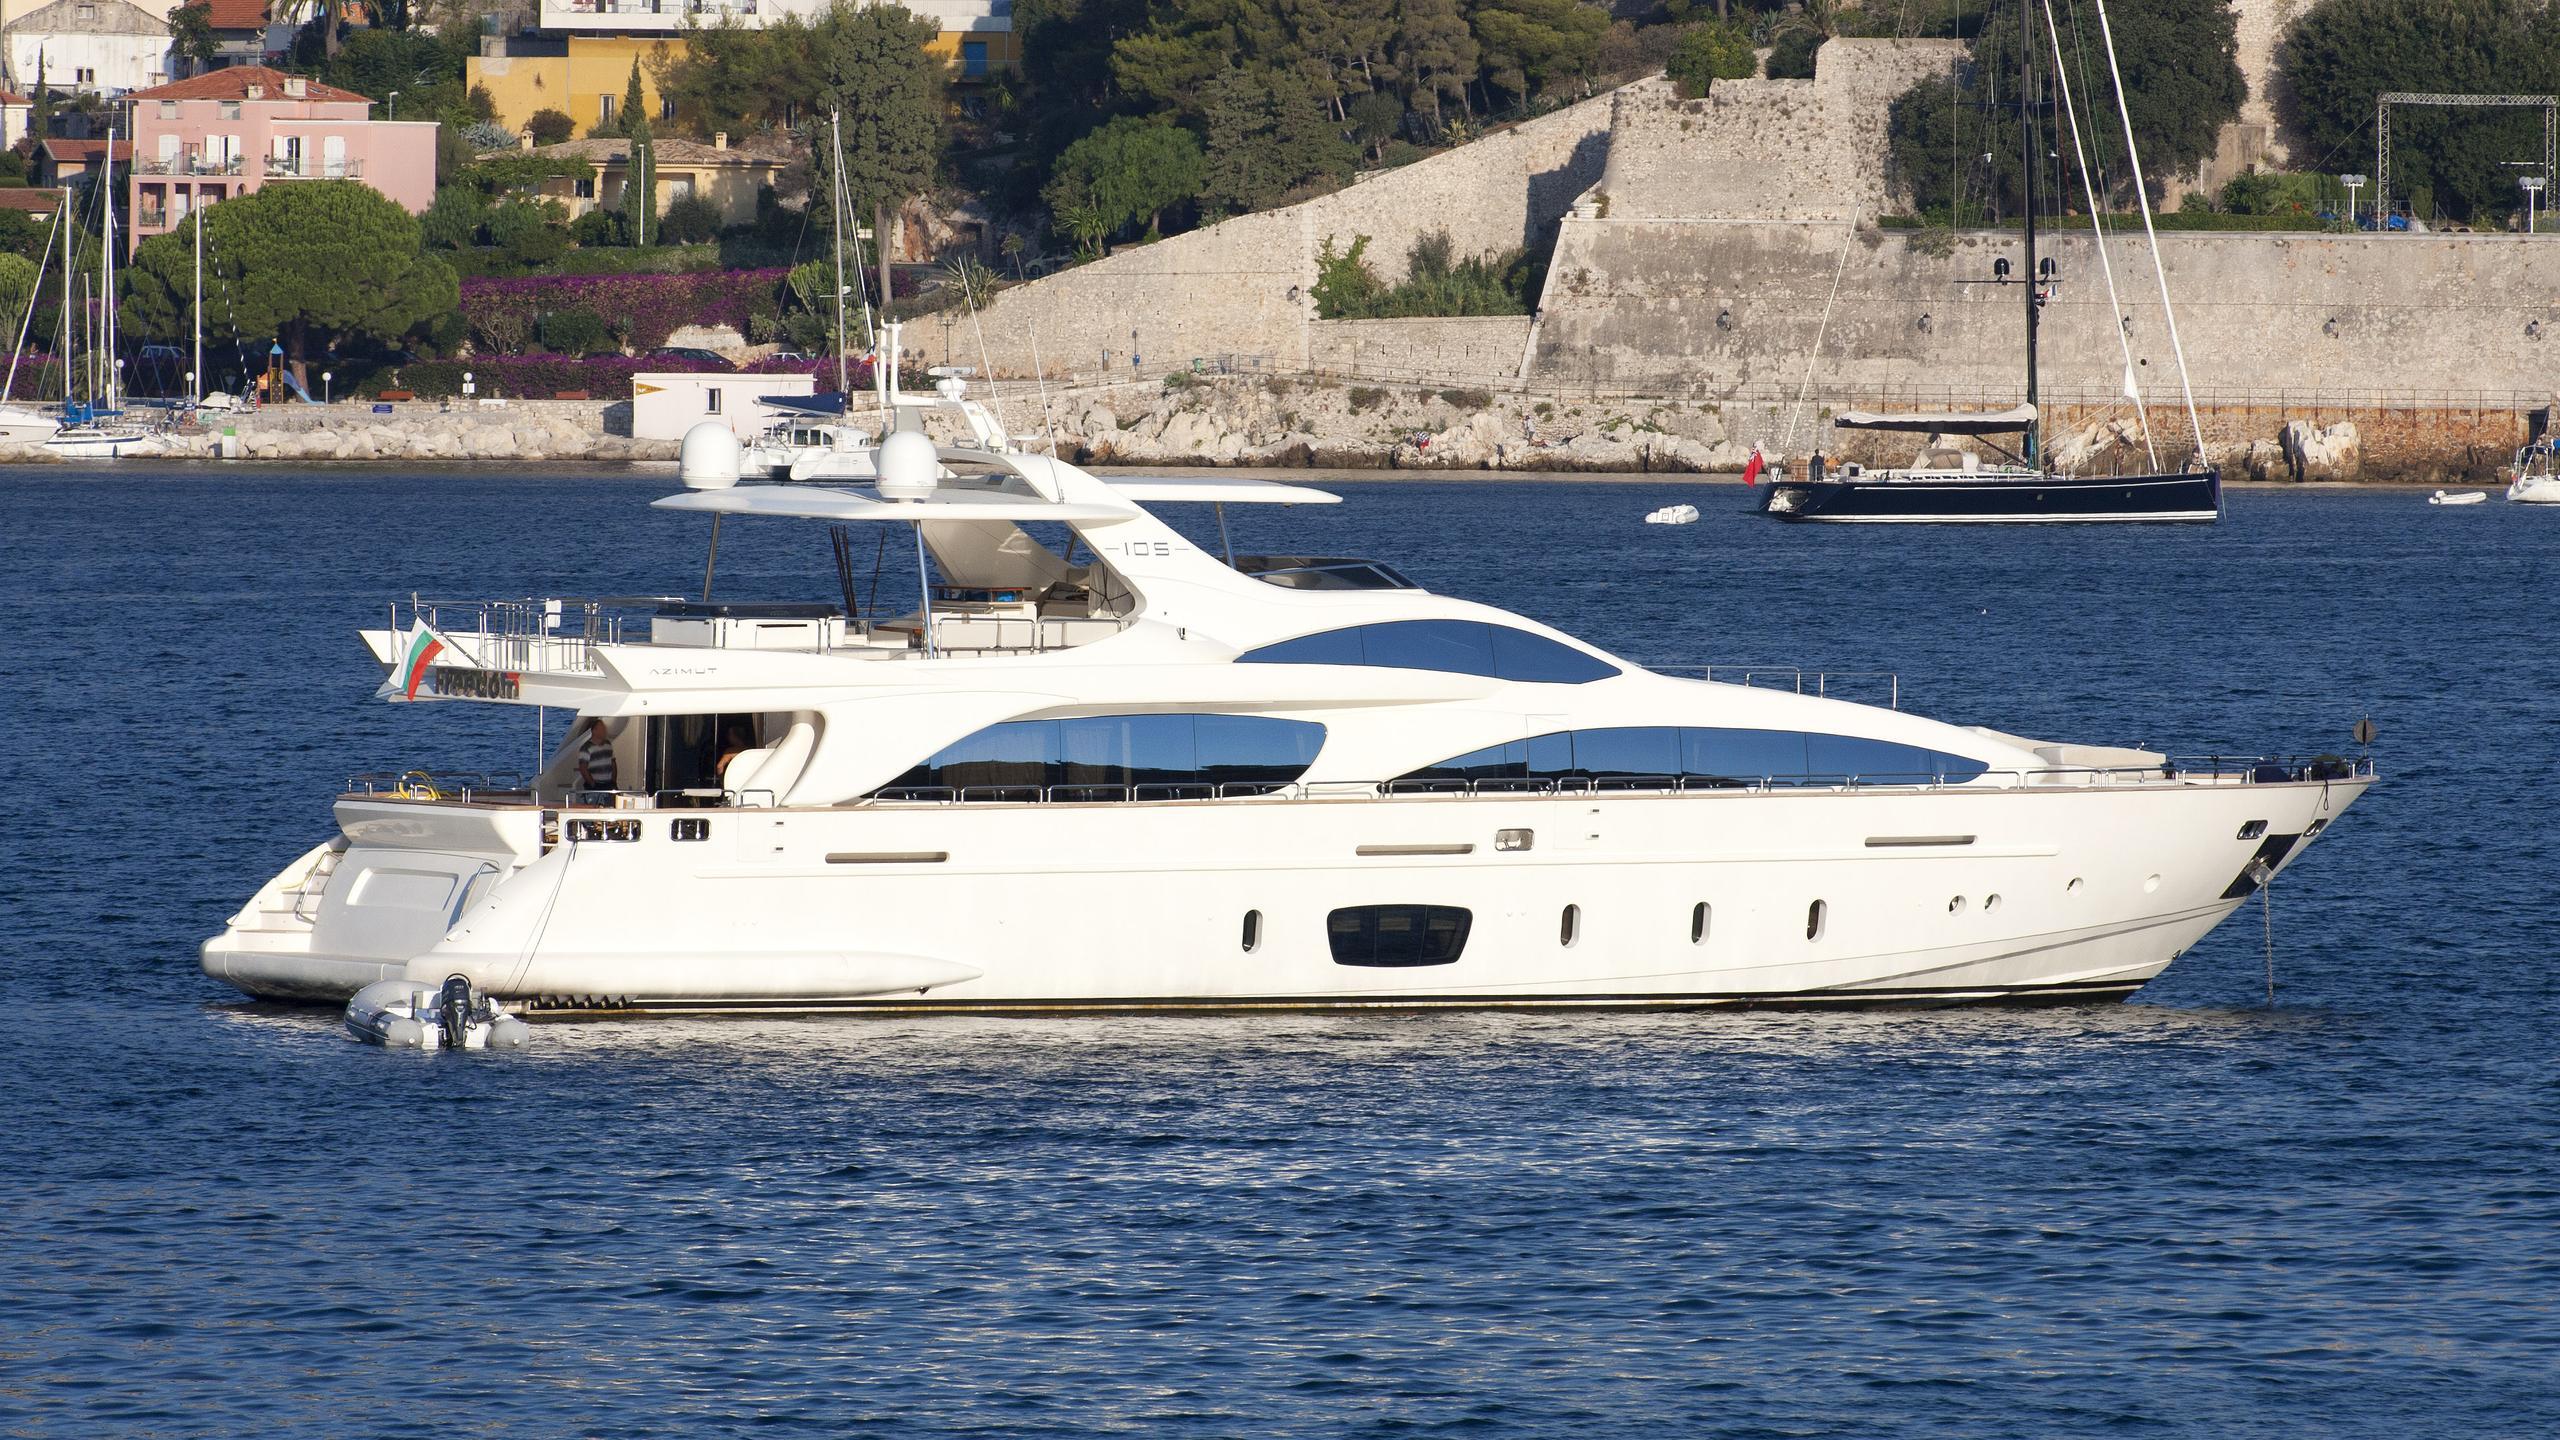 freedom-motor-yacht-azimut-105-2007-31m-profile